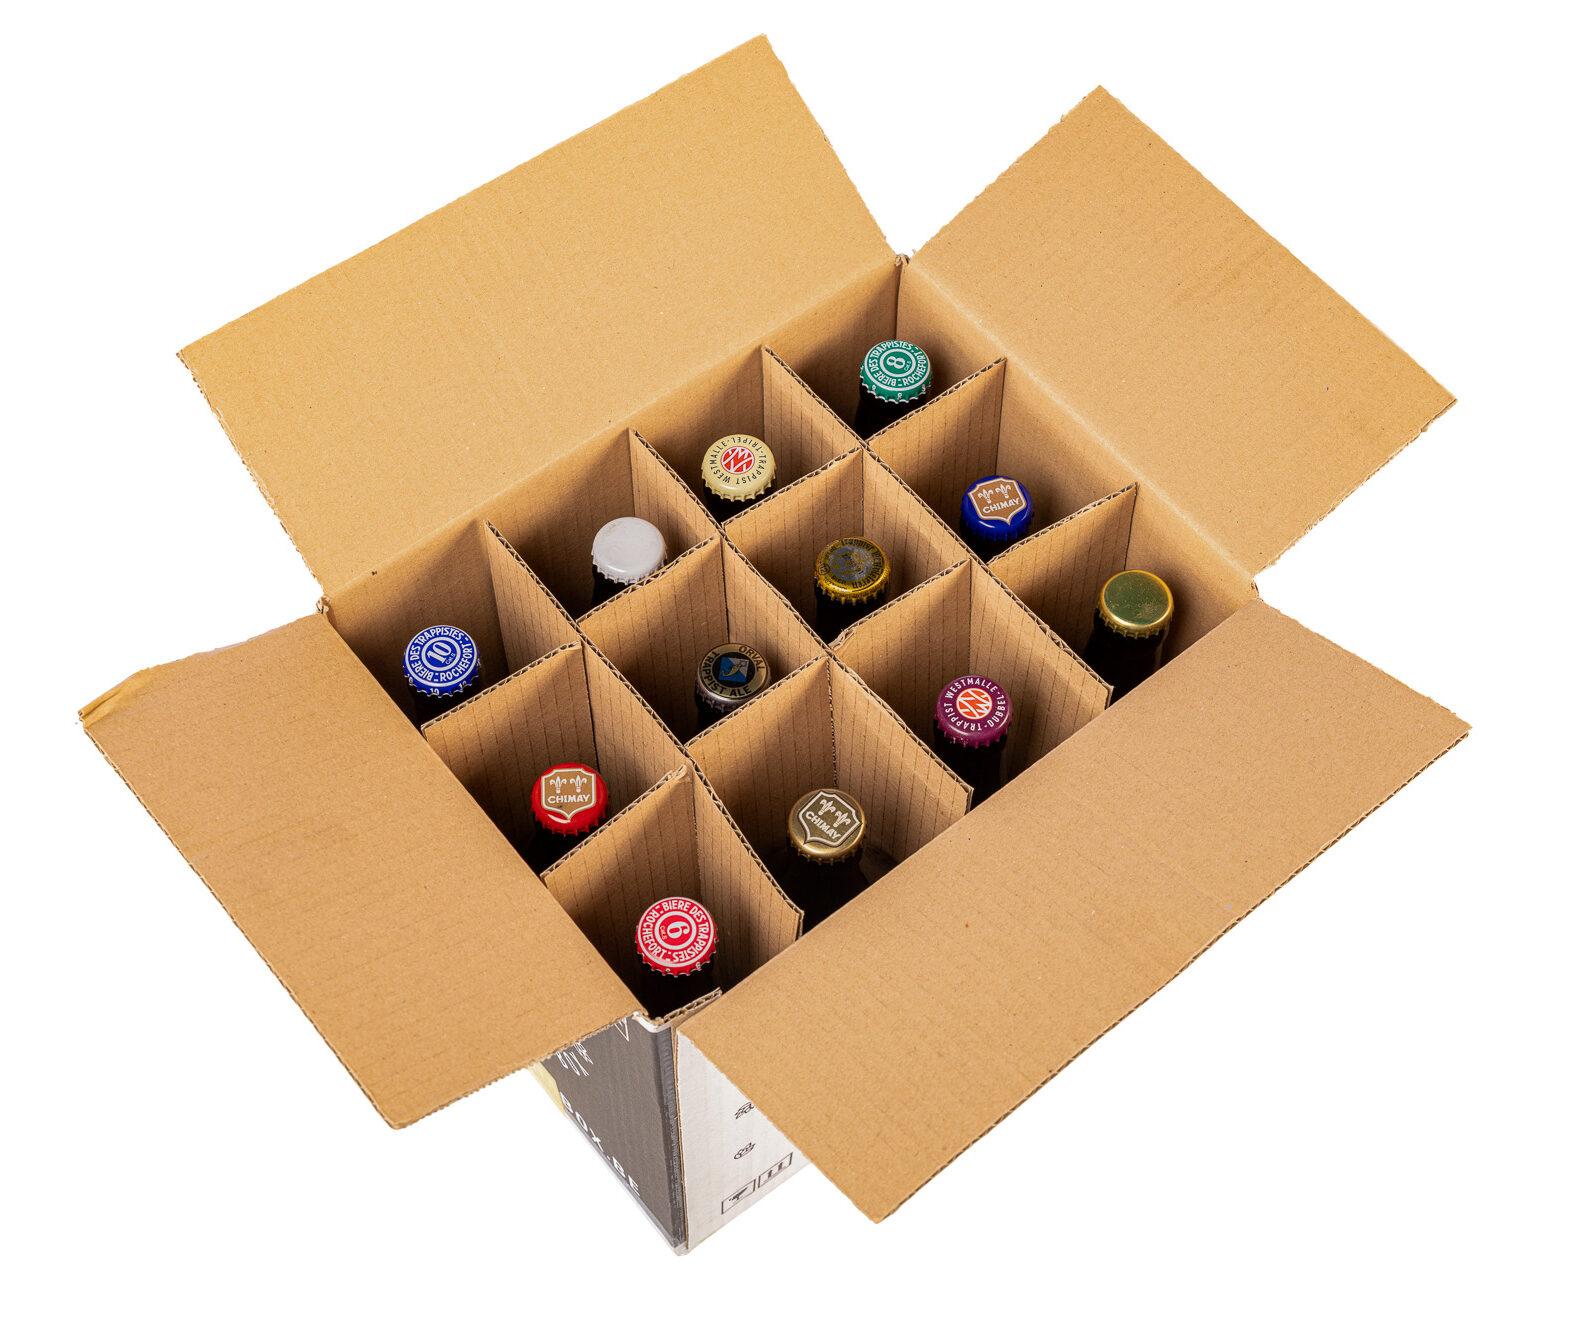 Hops in a box bierpakket open